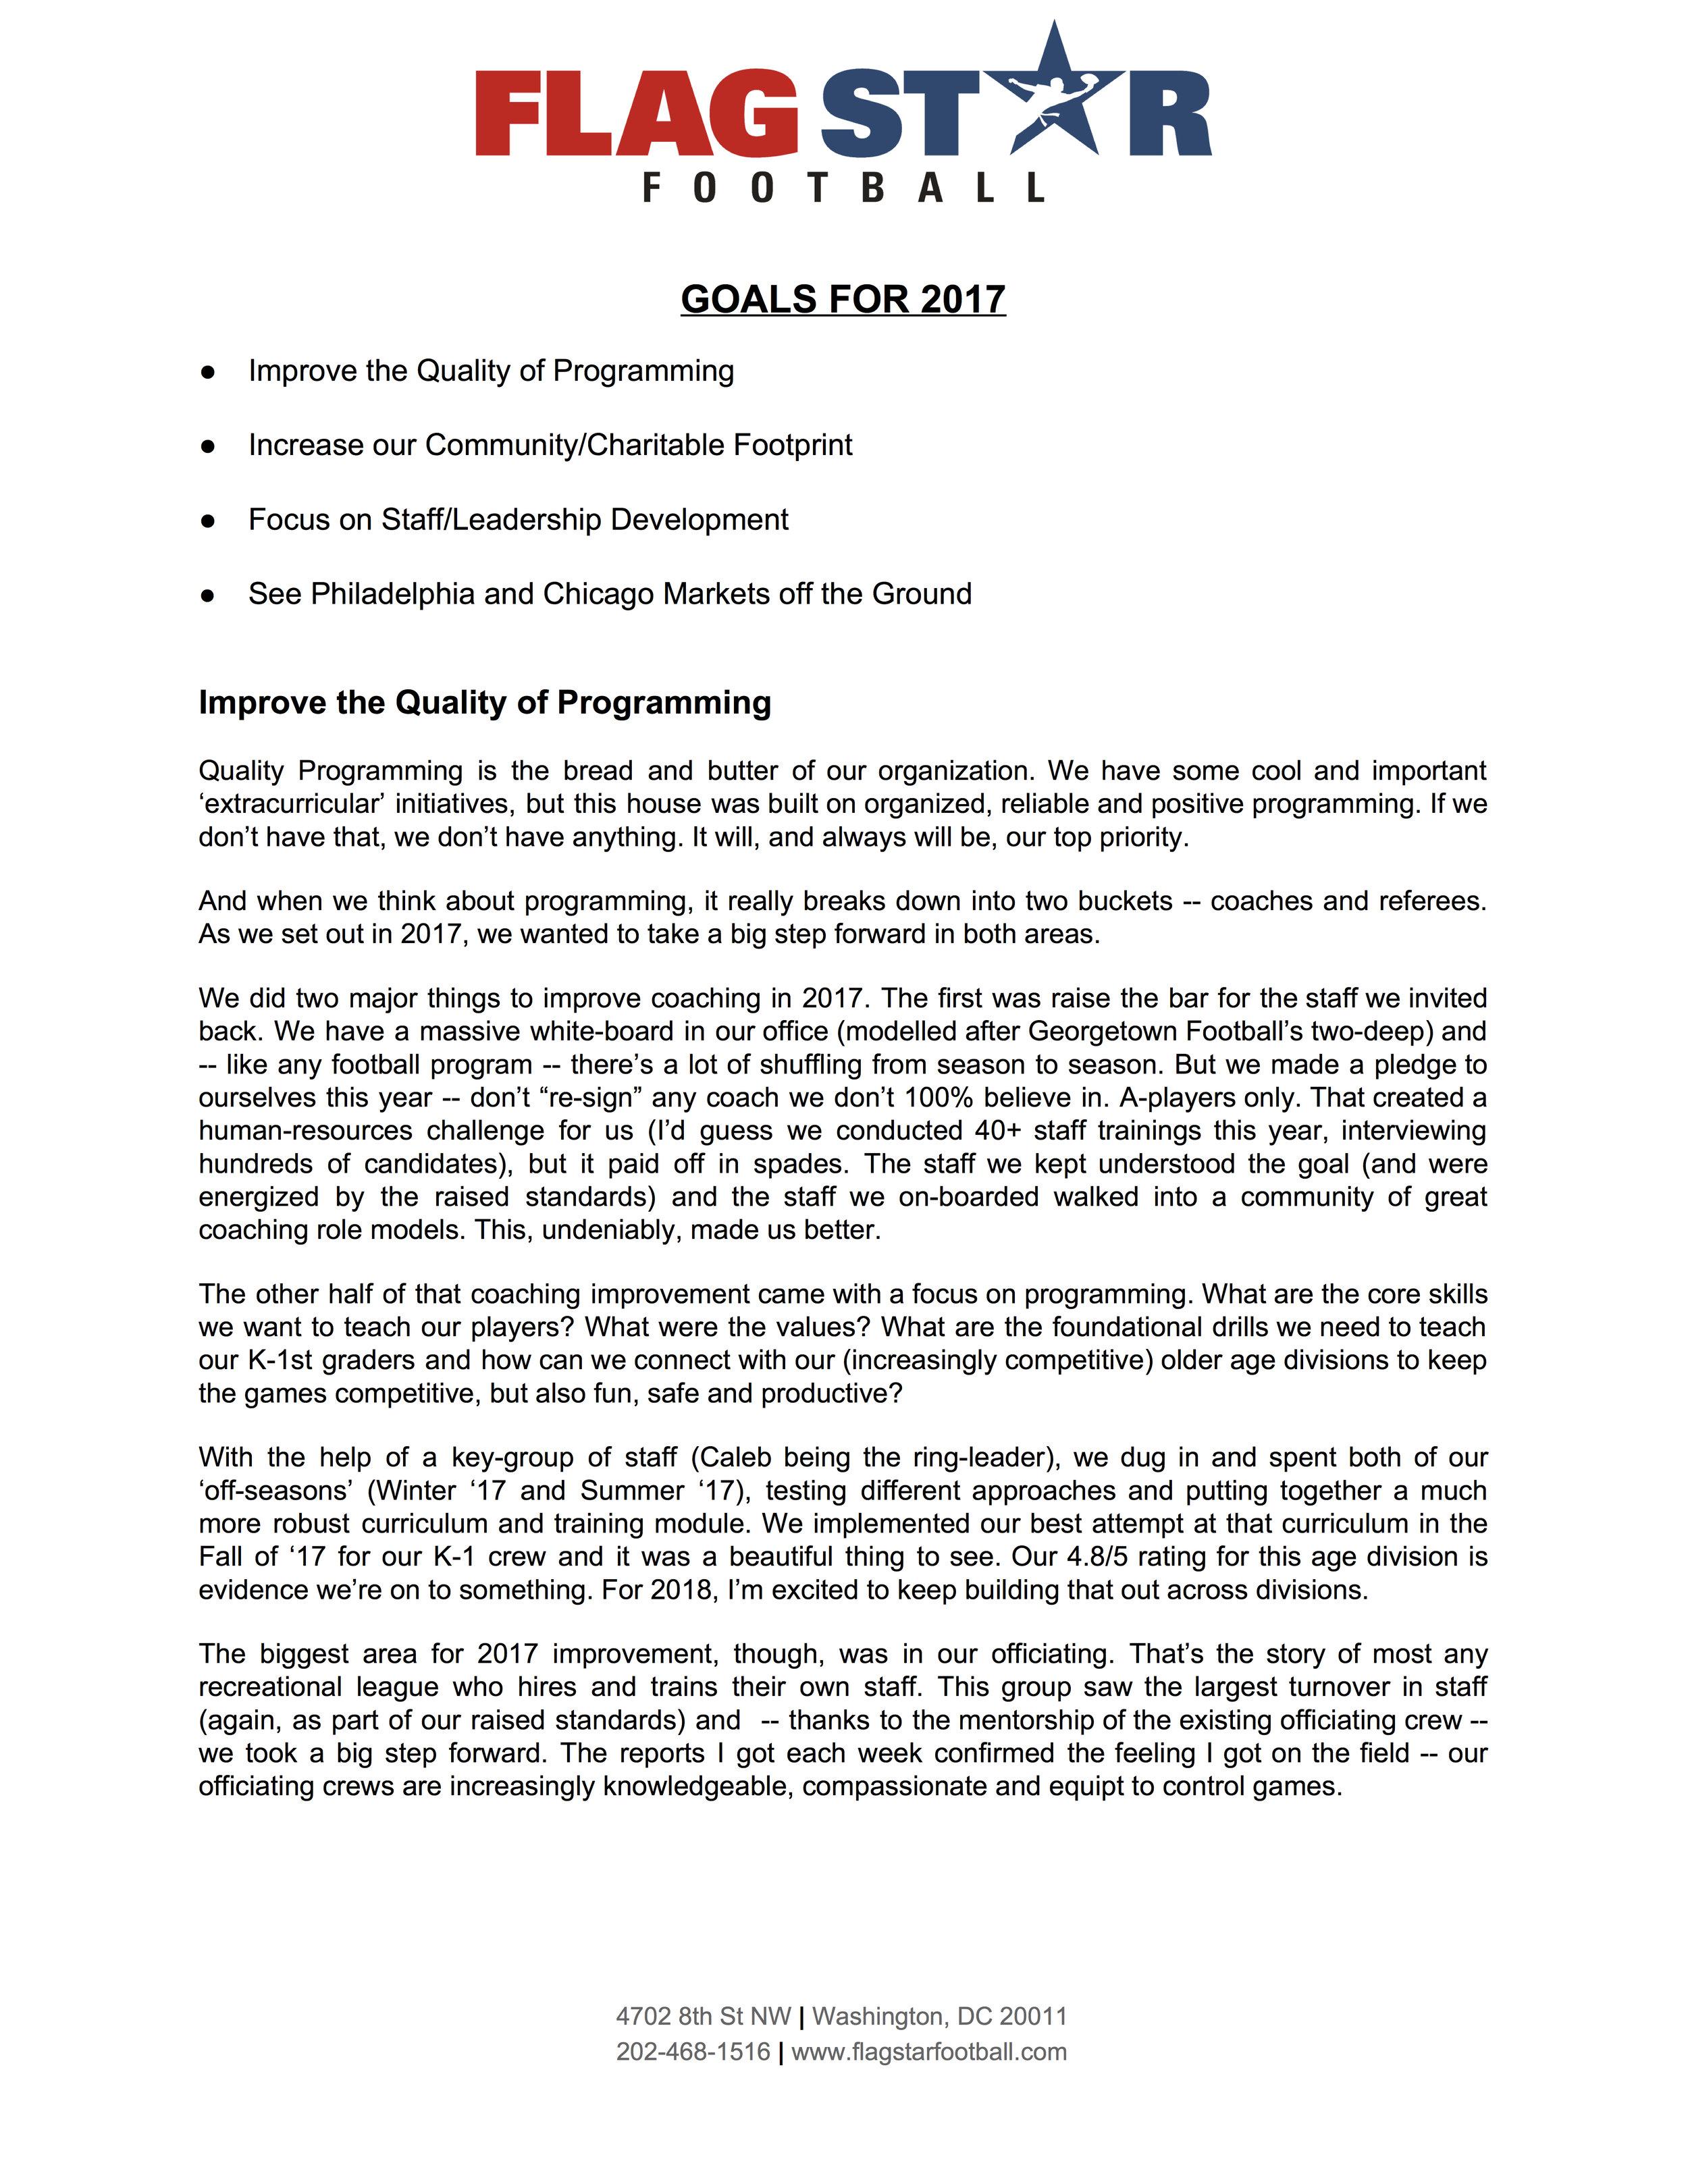 2017 Letter to Shareholders p2.jpg